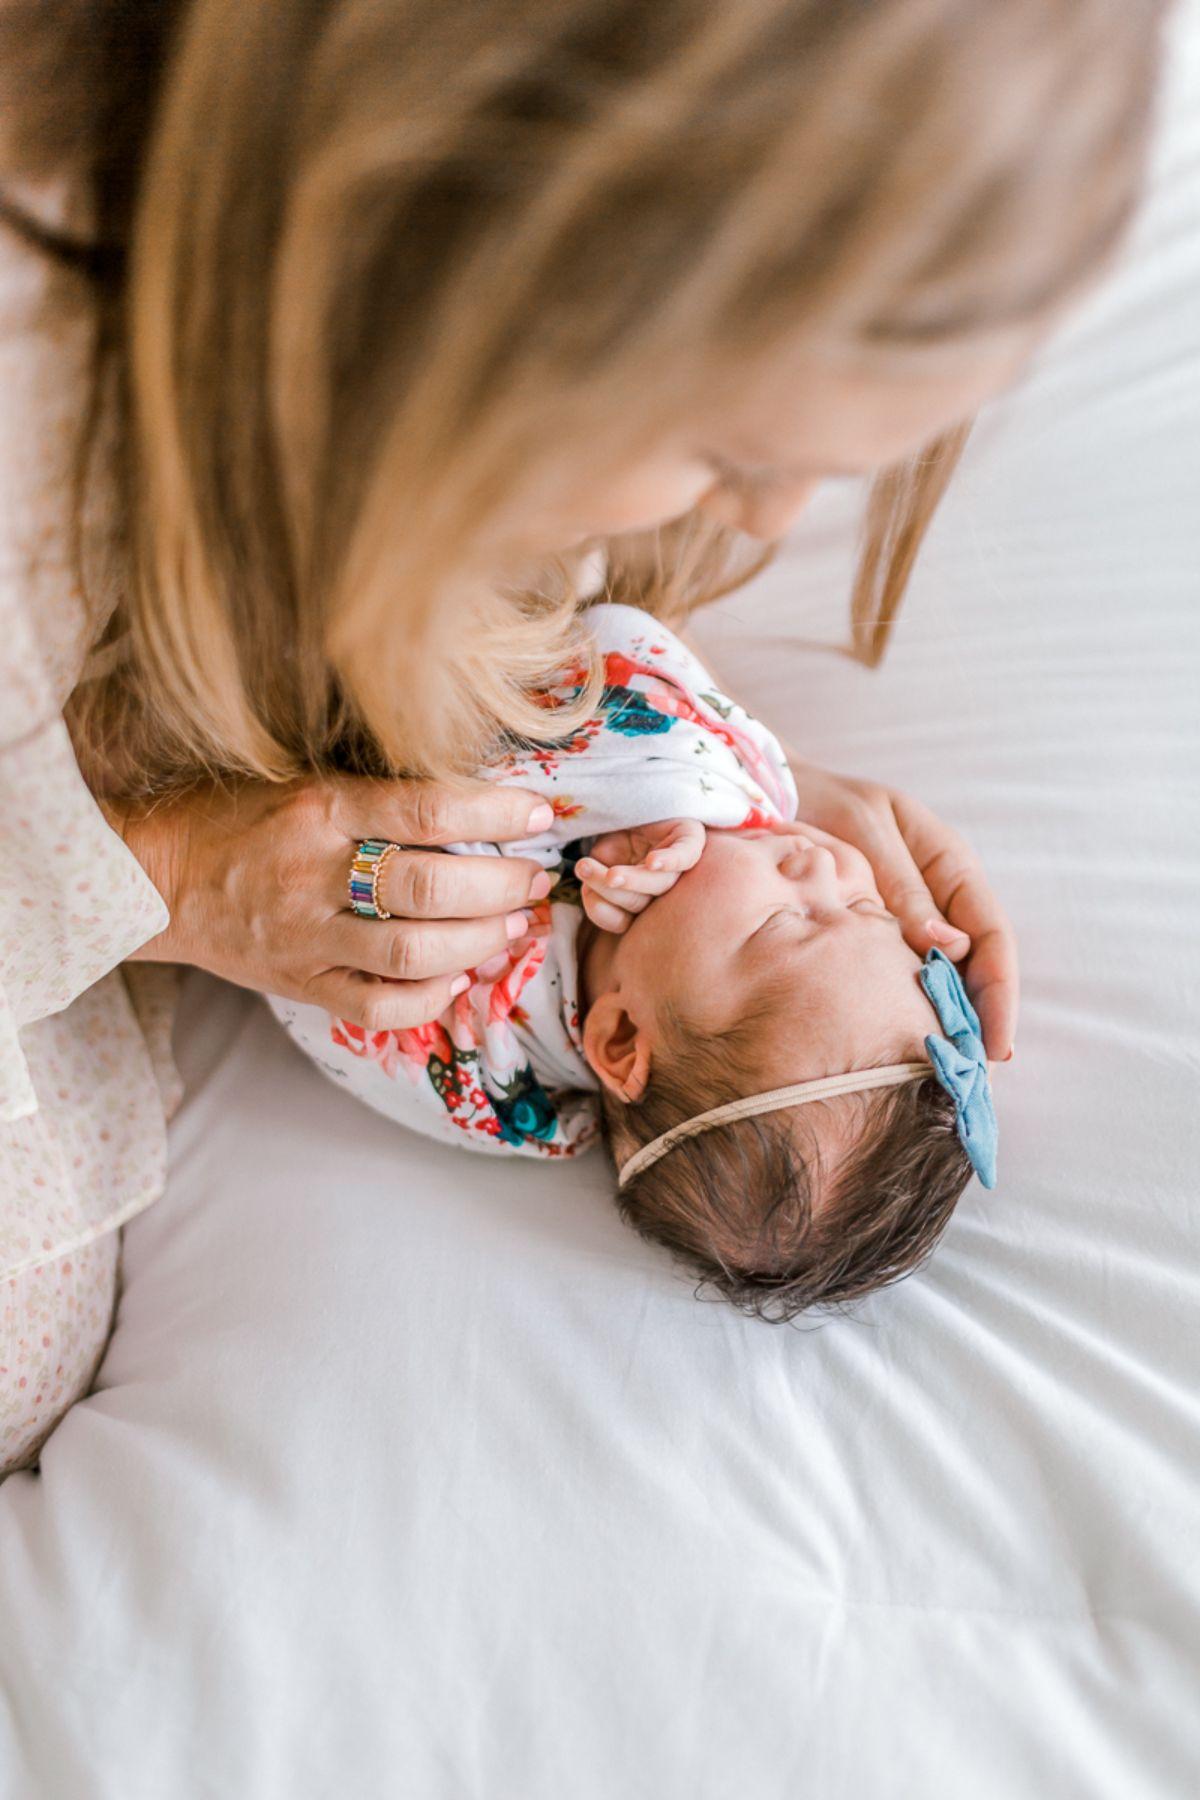 ennis-newborn-photographer-kaitlyn-bullard-charlotte-lifestyle-newborn-22.jpg